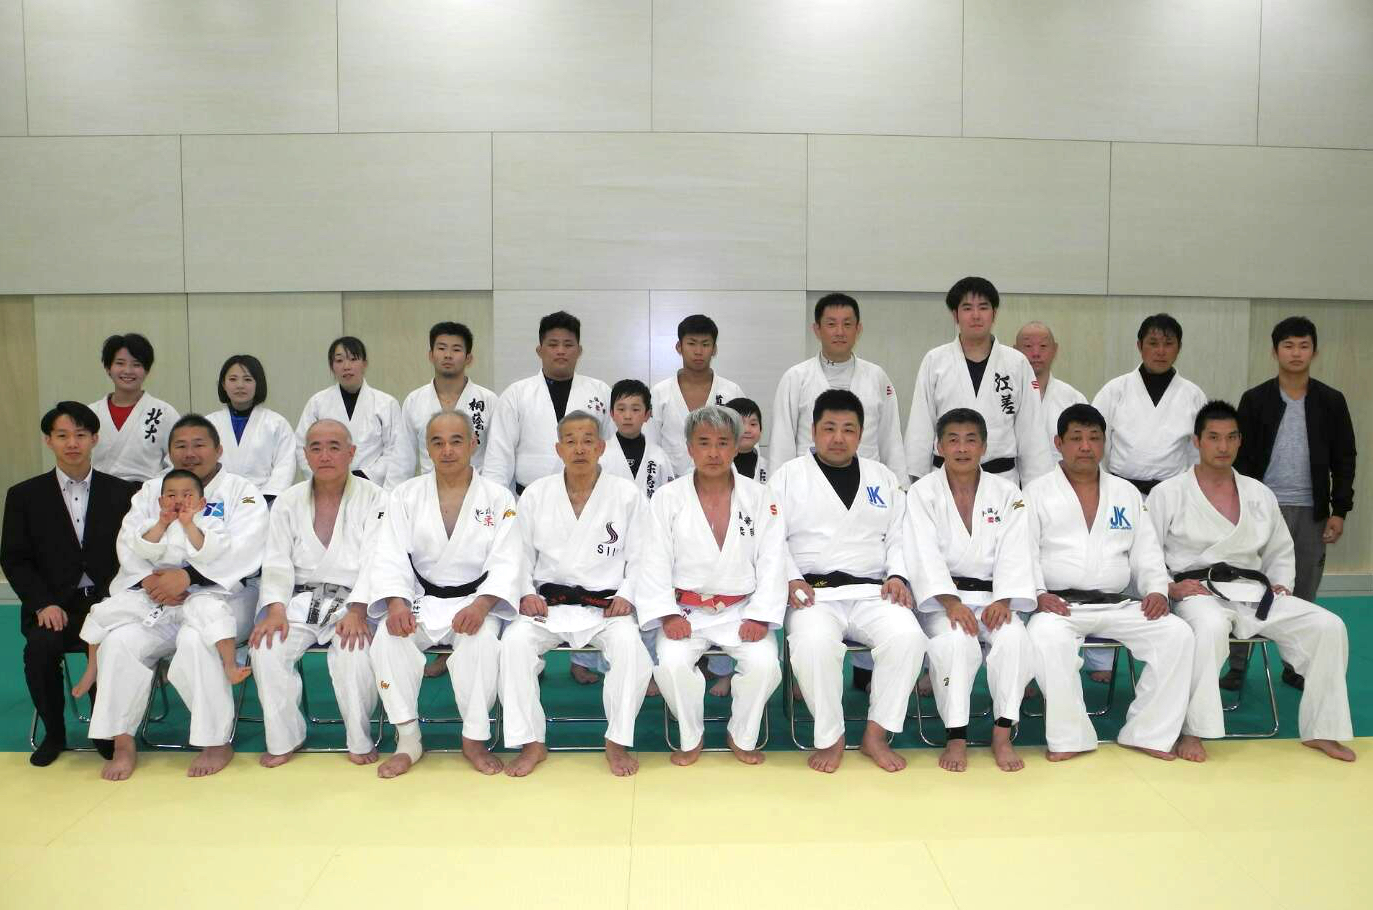 札幌・中央柔道倶楽部 - 札幌・中央柔道倶楽部